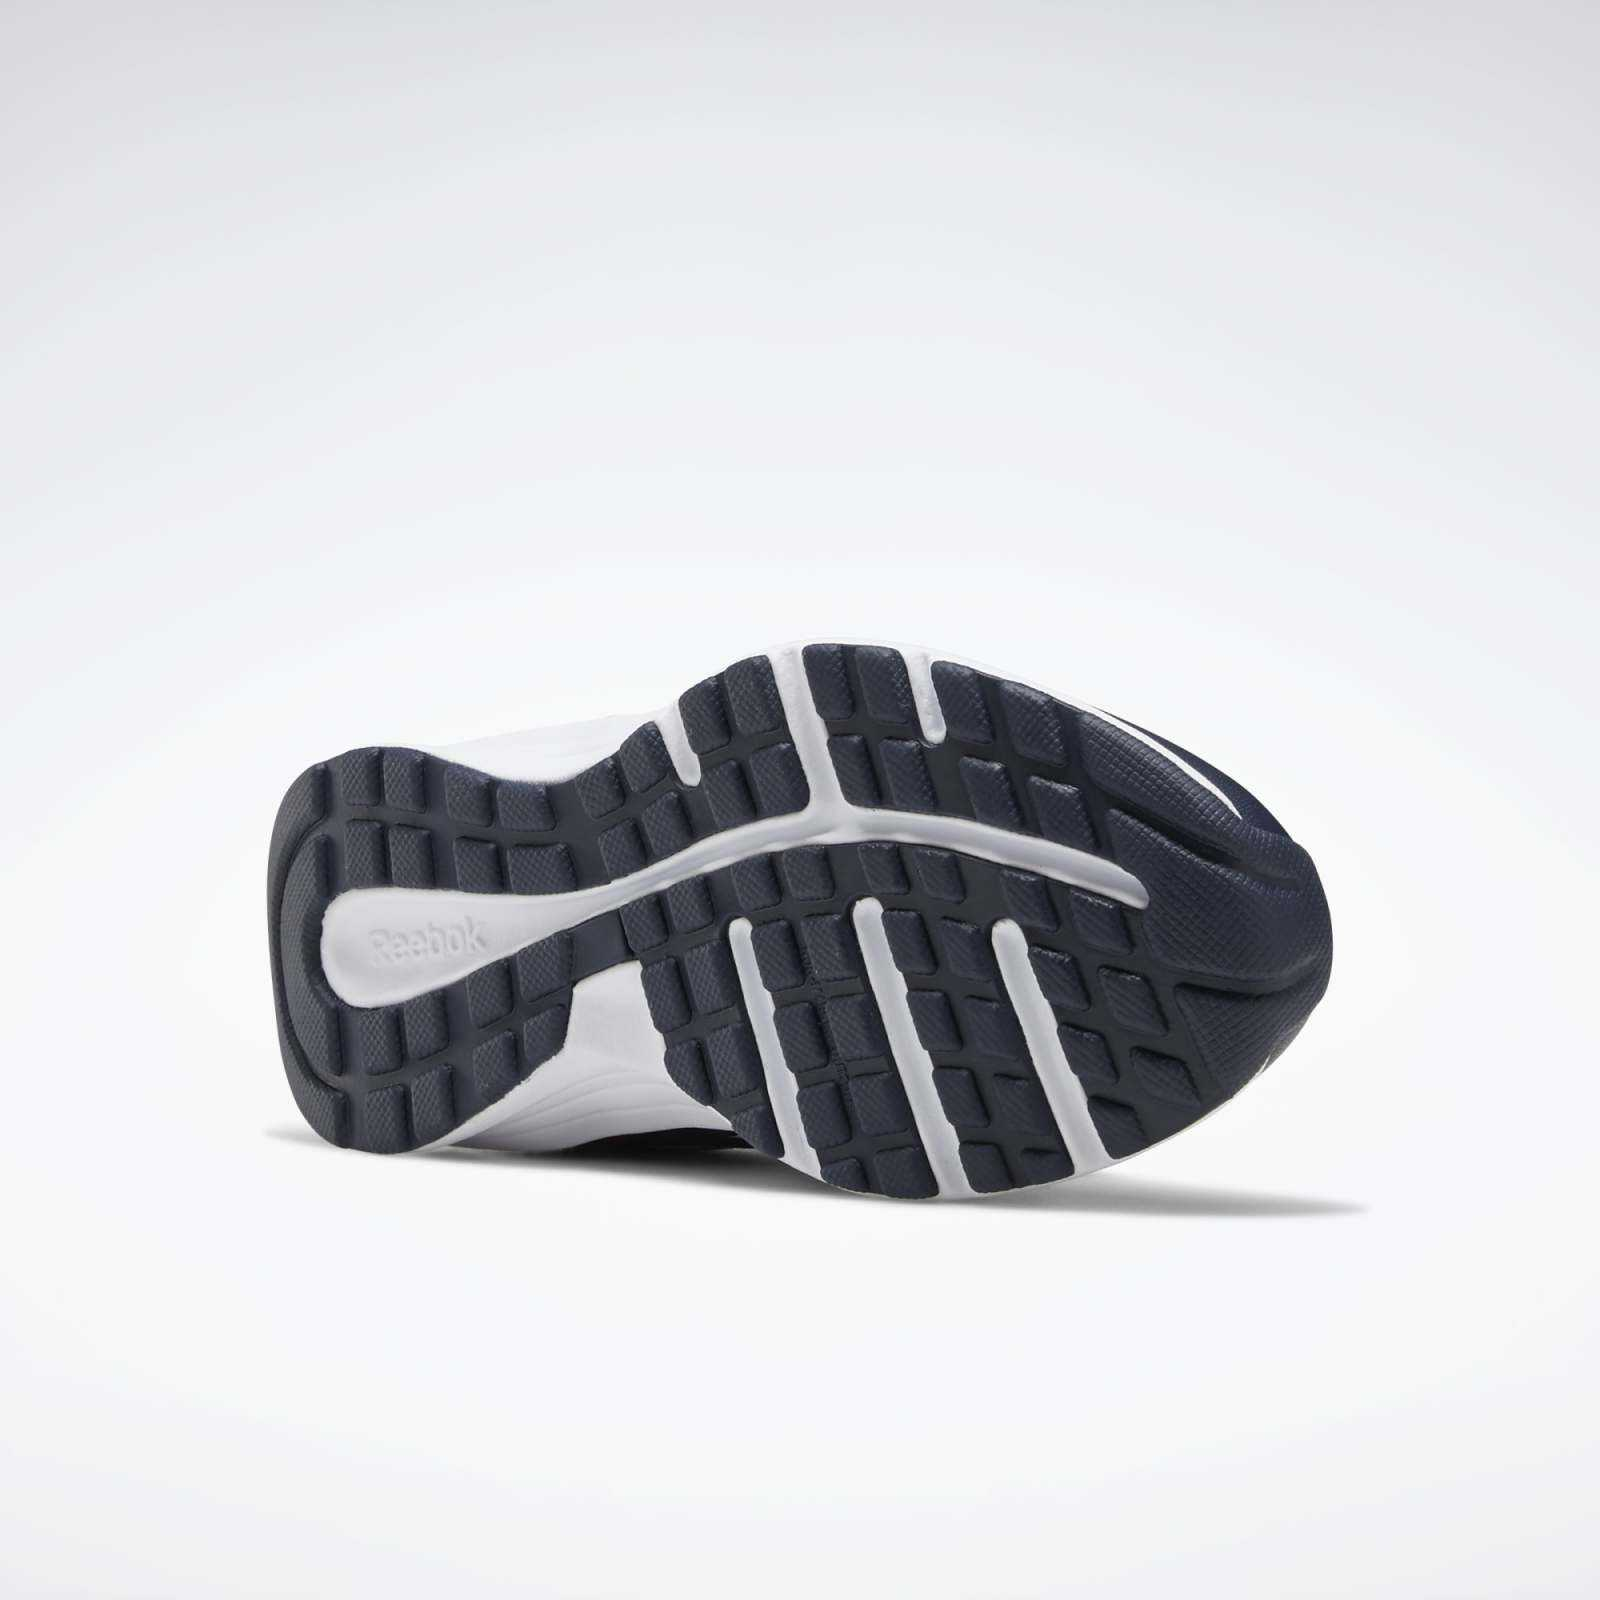 کفش مخصوص دویدن بچگانه ریباک مدل ALMOTIO 5.0 2V EF3328 -  - 5